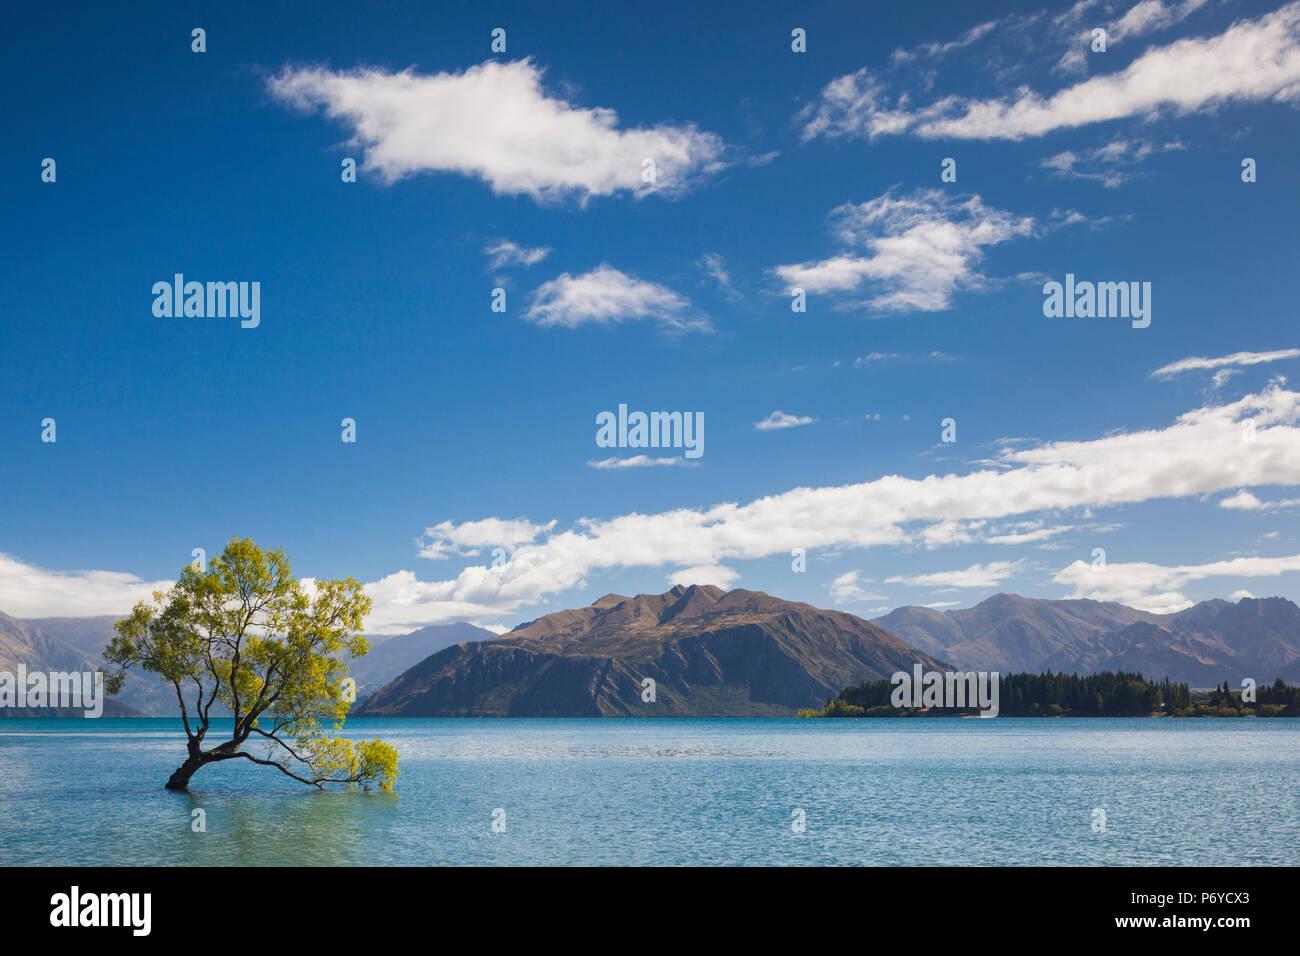 New Zealand, South Island, Otago, Wanaka, Lake Wanaka, solitary tree Stock Photo